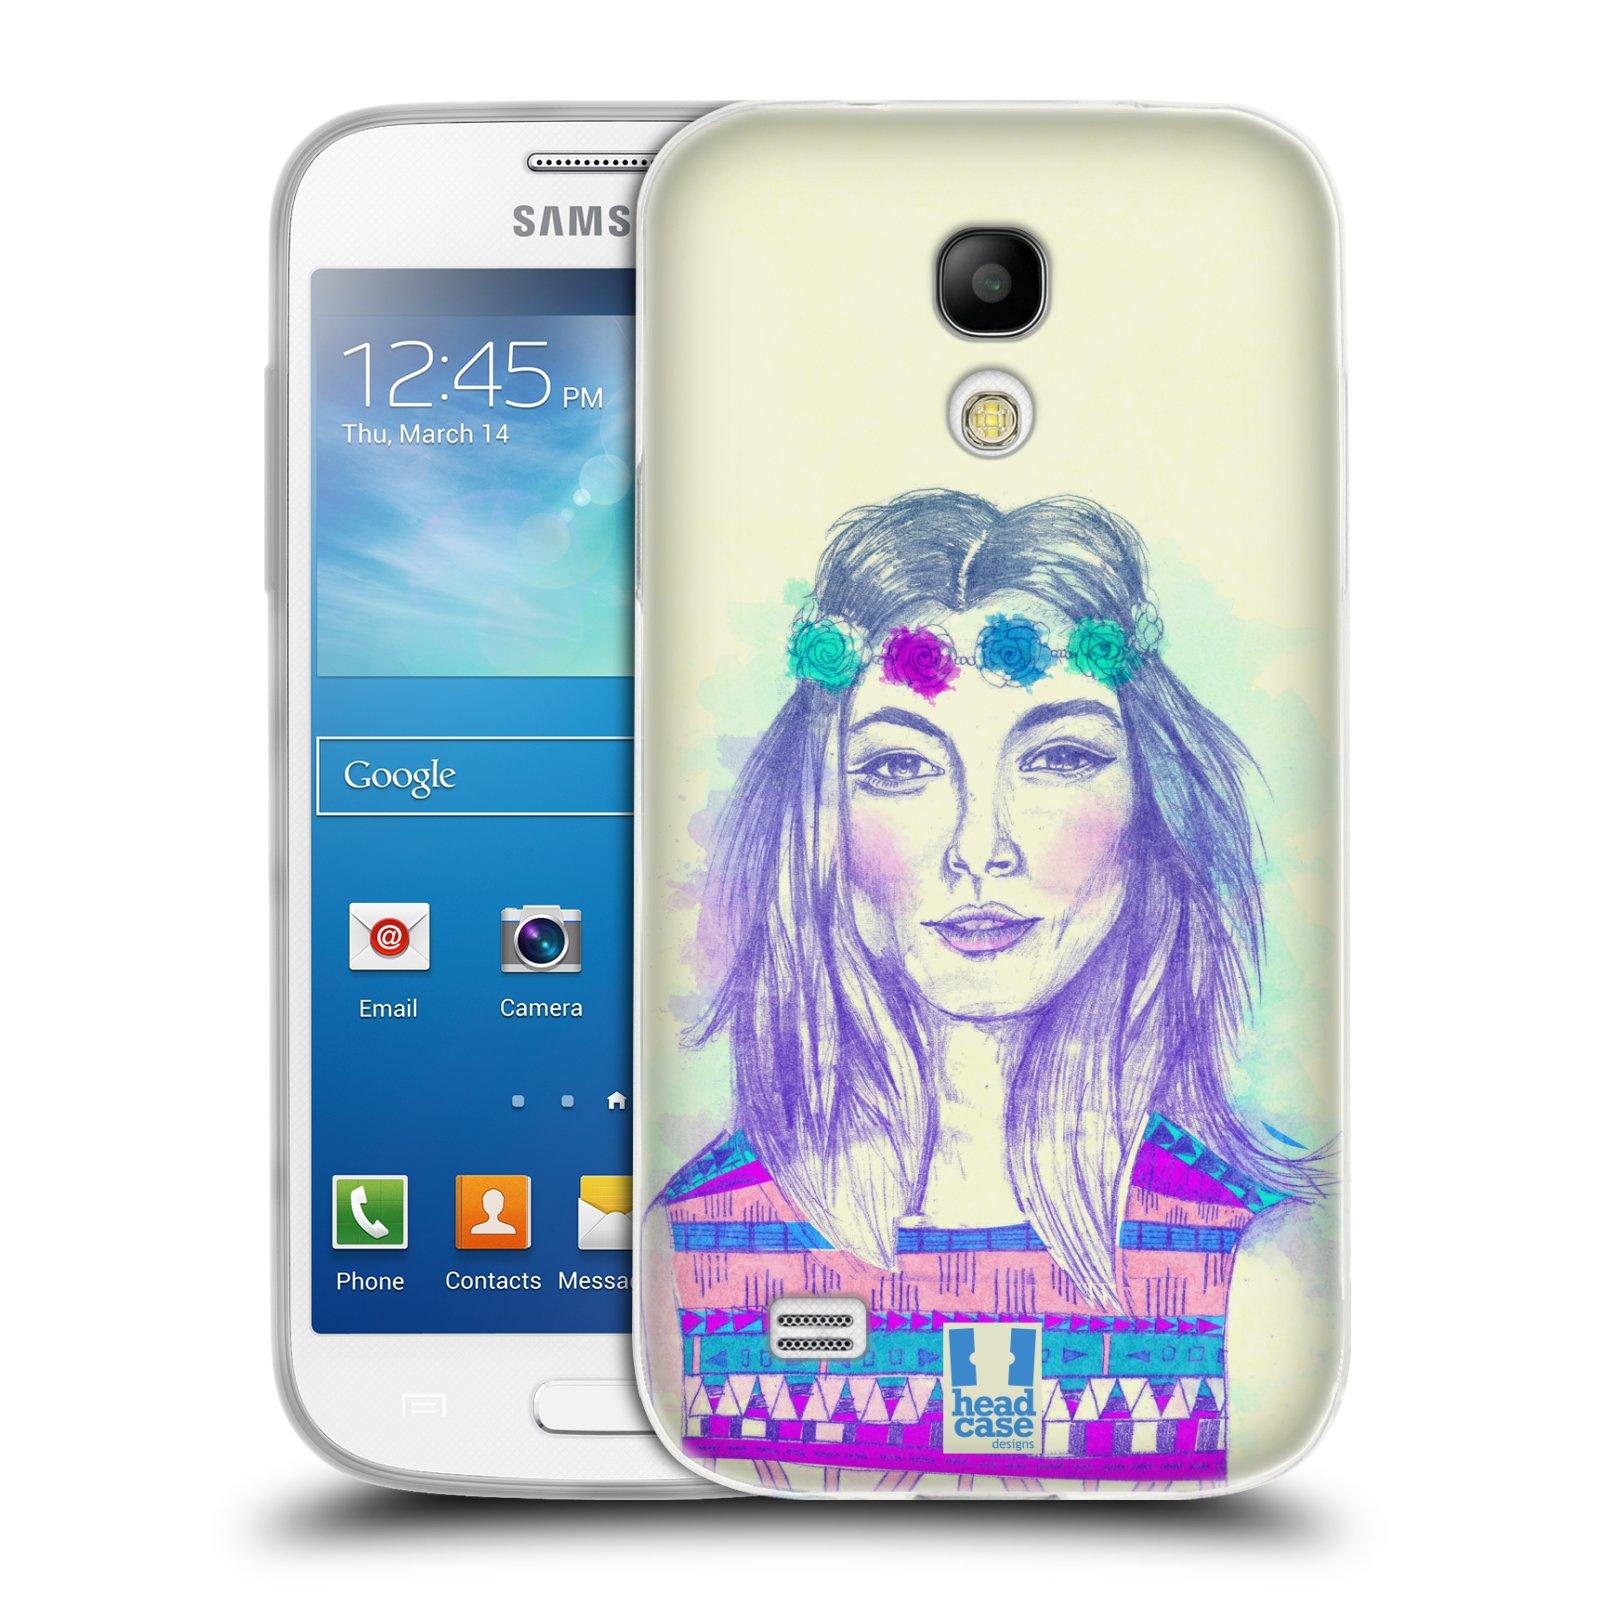 HEAD CASE silikonový obal na mobil Samsung Galaxy S4 MINI vzor Dívka dlouhé květinové vlasy HIPPIE modrá